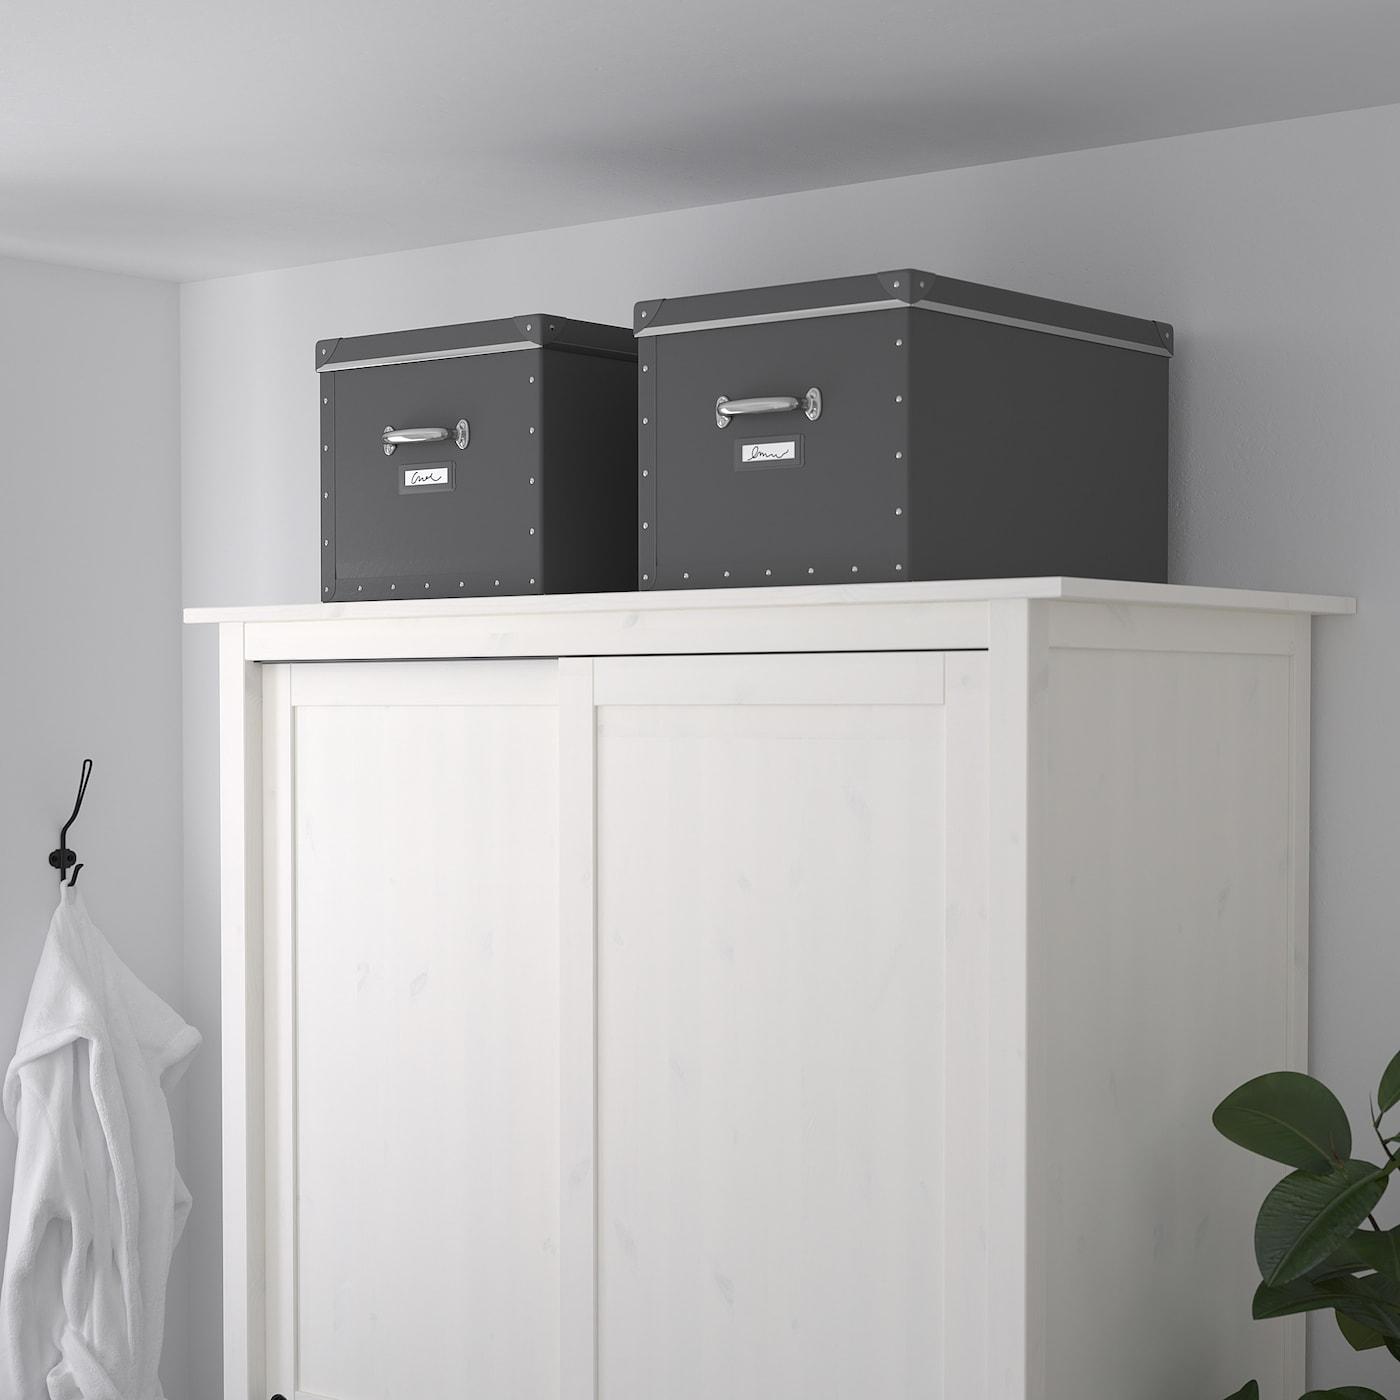 FJÄLLA Storage box with lid, dark grey, 35x56x30 cm